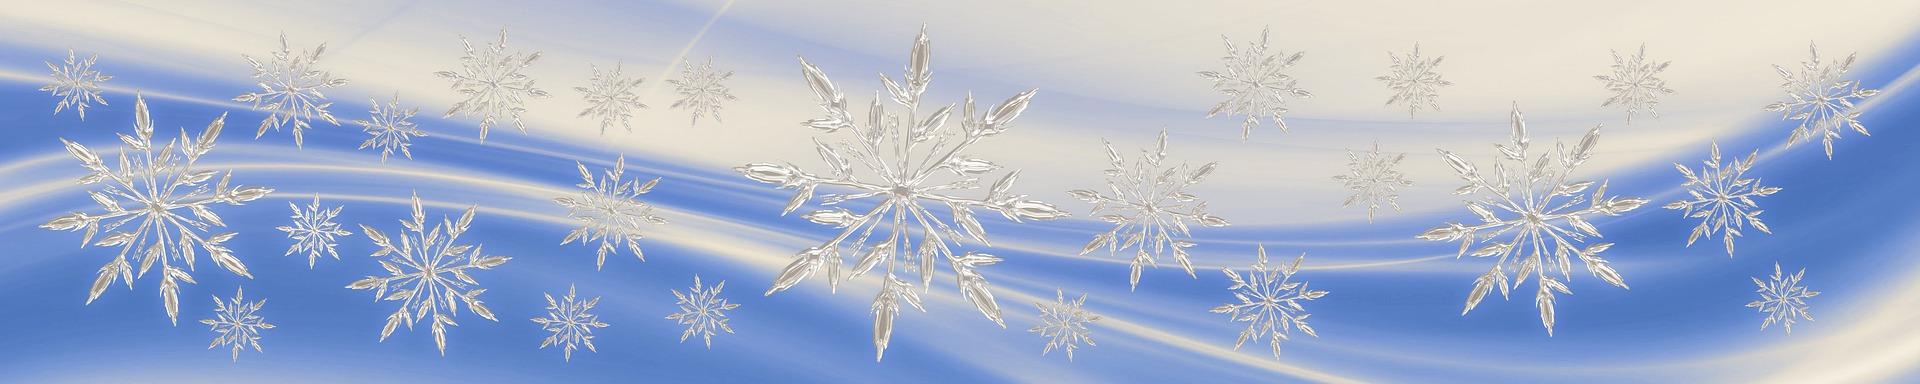 christmas-2934094_1920